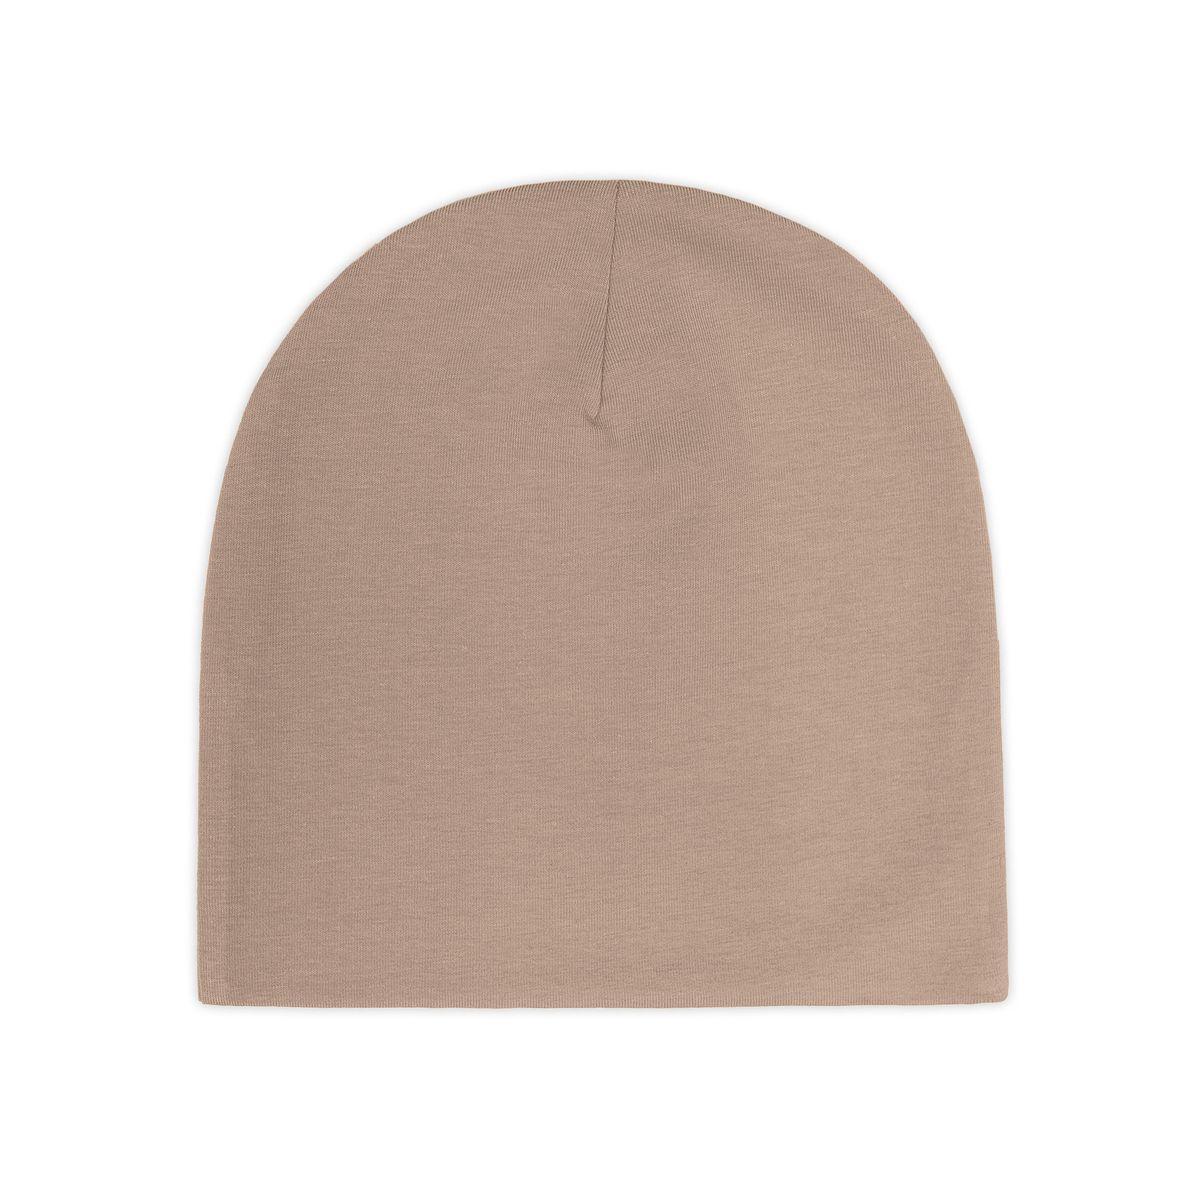 45-605Теплая шапка для мальчика Ёмаё выполнена из сочетания высококачественного хлопка с эластаном. Шапка выполнена в лаконичном однотонном стиле. Уважаемые клиенты! Размер, доступный для заказа, является обхватом головы.